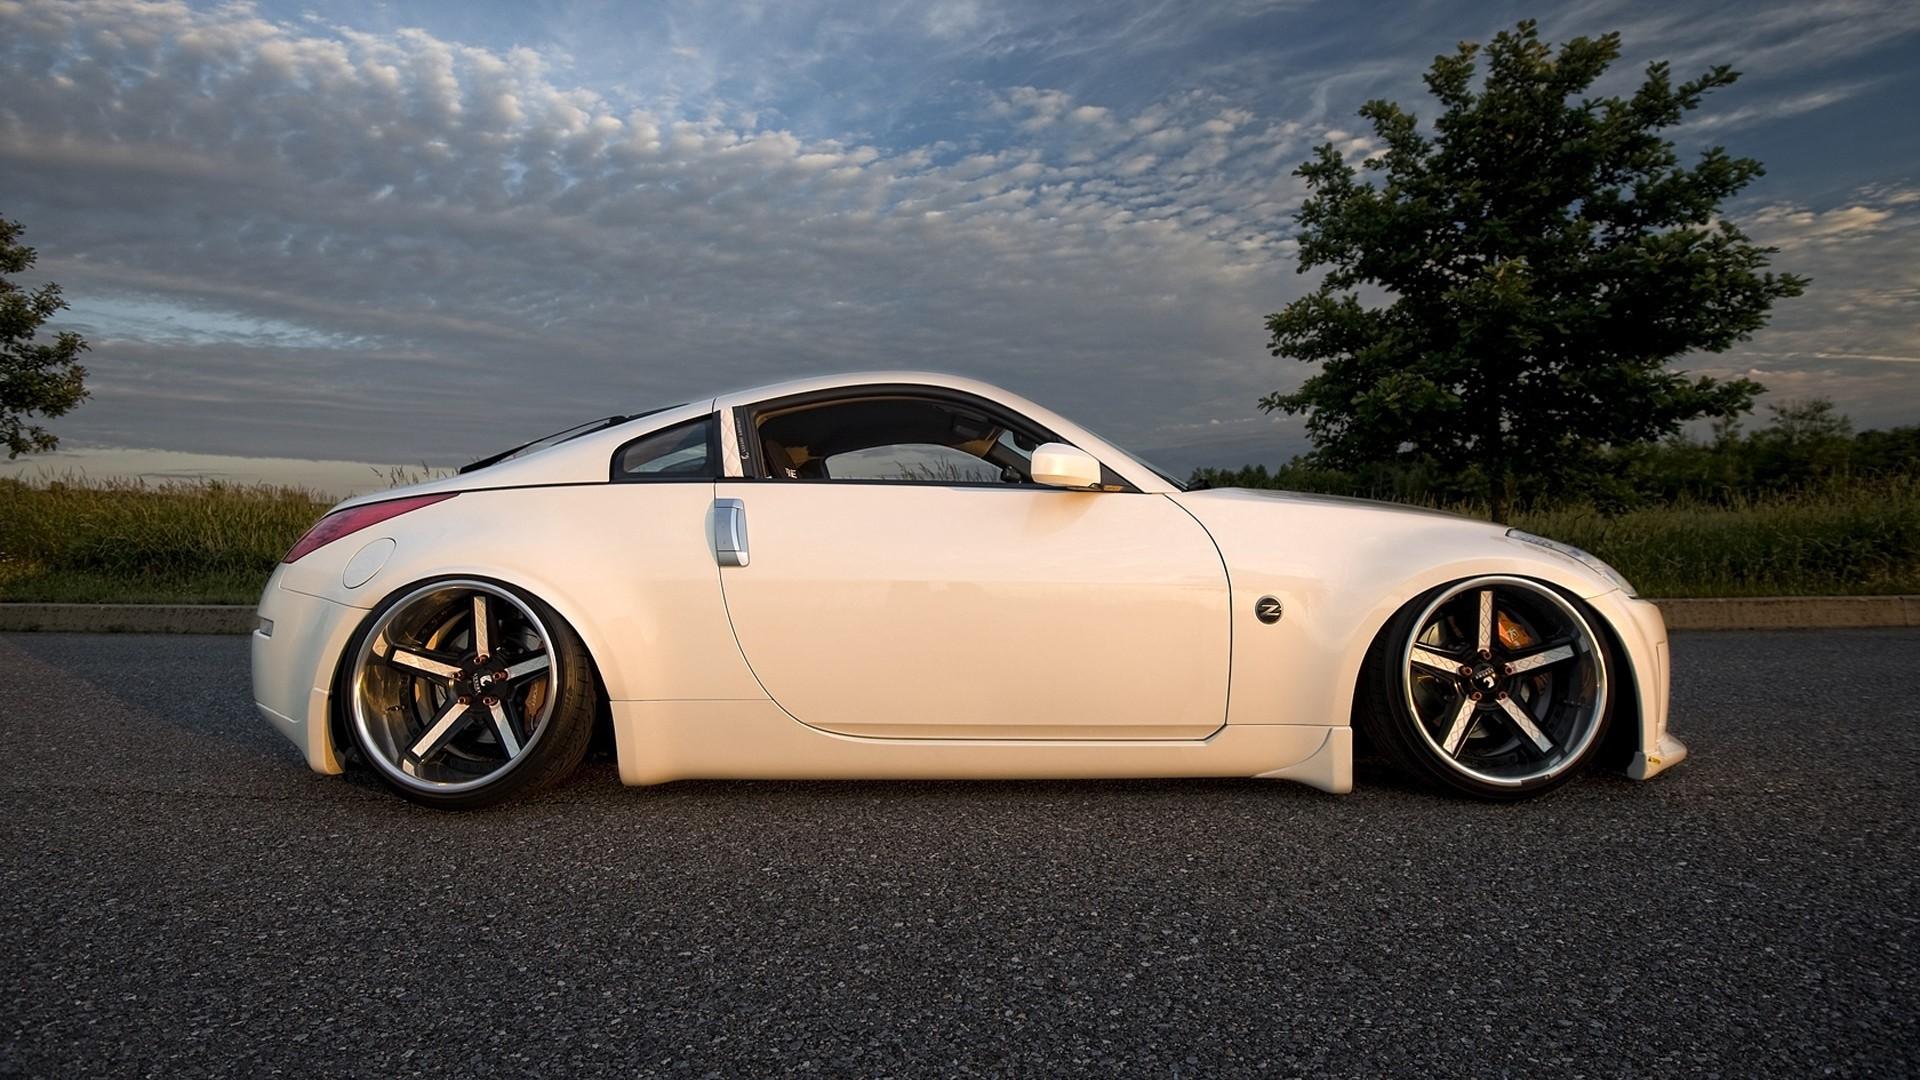 Slammed Nissan 370Z Stance | Nissan 350z White Wallpaper